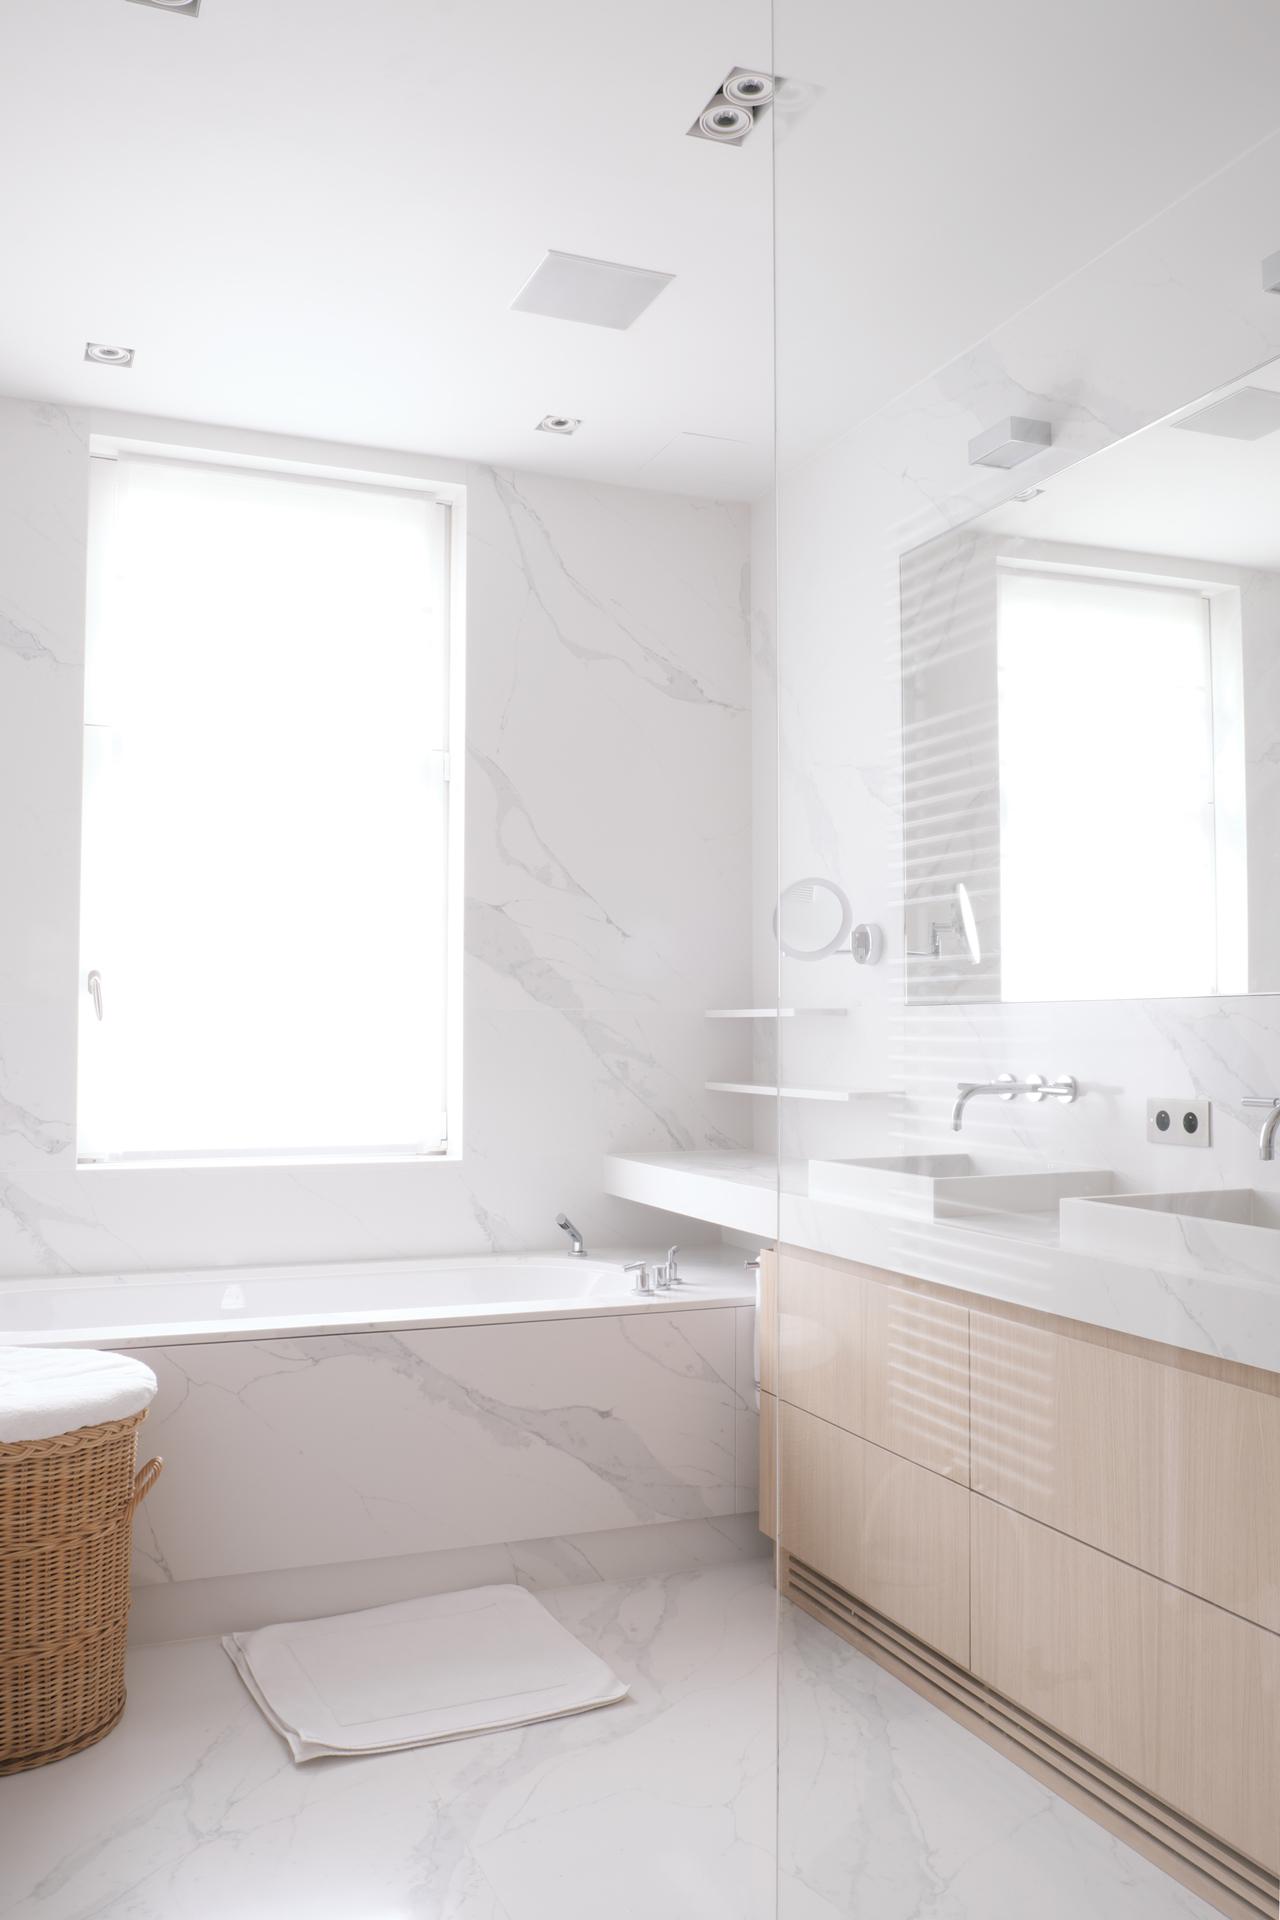 Badezimmer in Compac Calcatta mit Badweannenverkleidung und Waschtisch